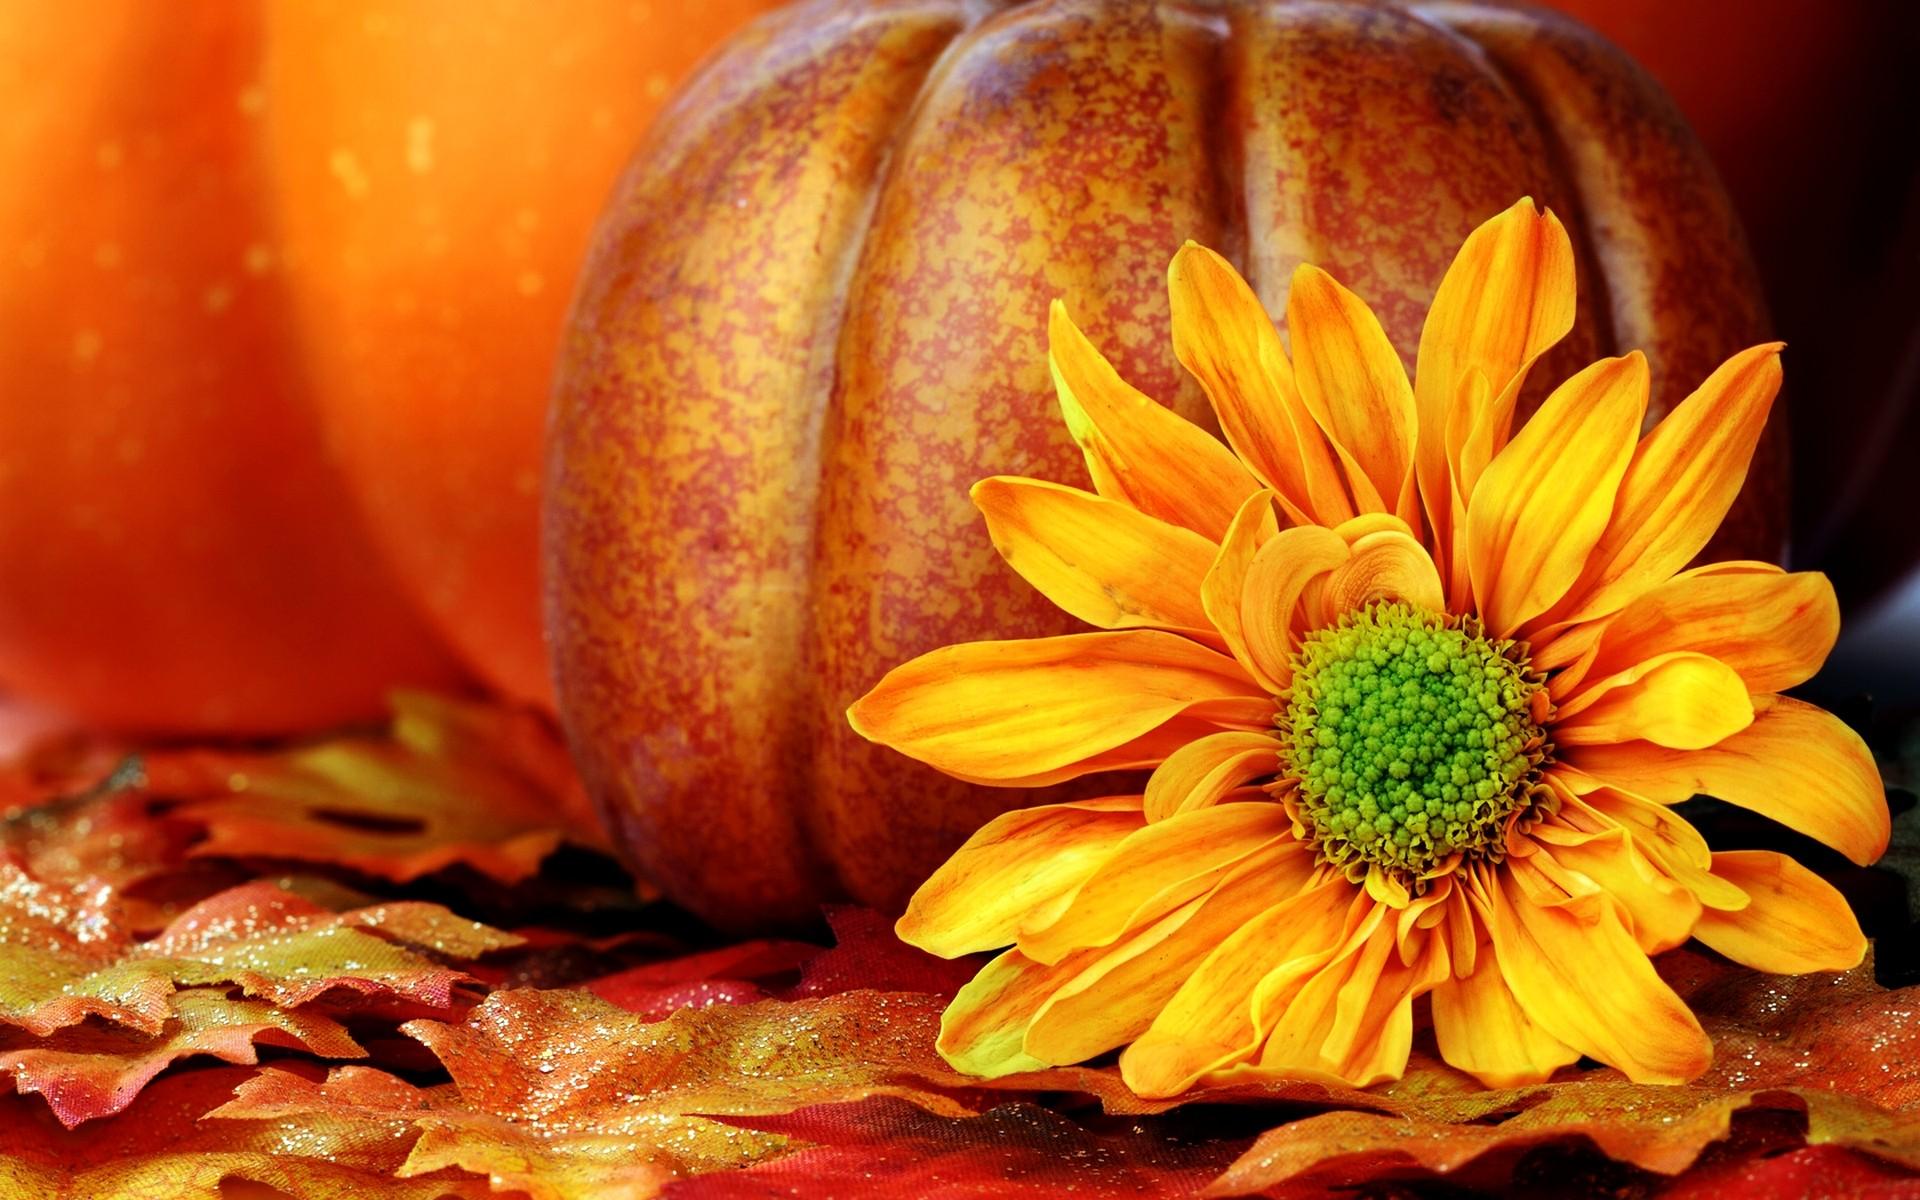 Pumpkin Wallpaper Backgrounds, wallpaper, Pumpkin Wallpaper .